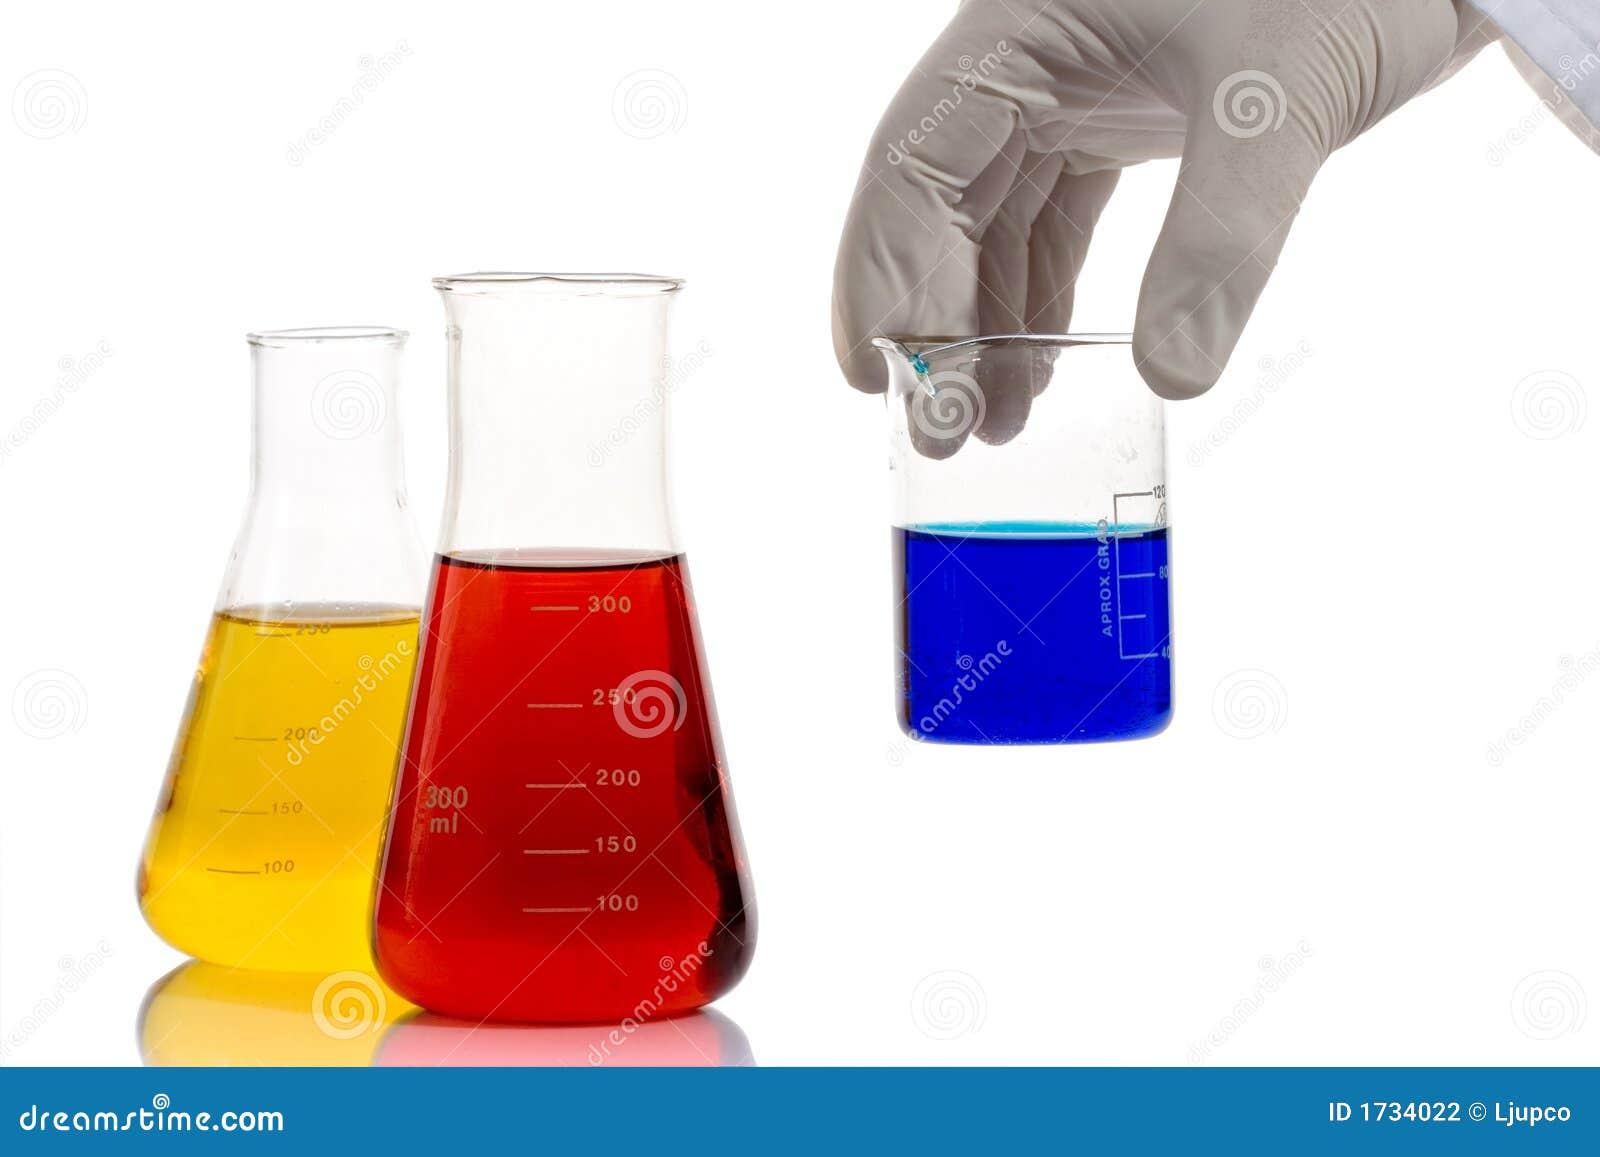 Technicien de laboratoire analysant des produits chimiques